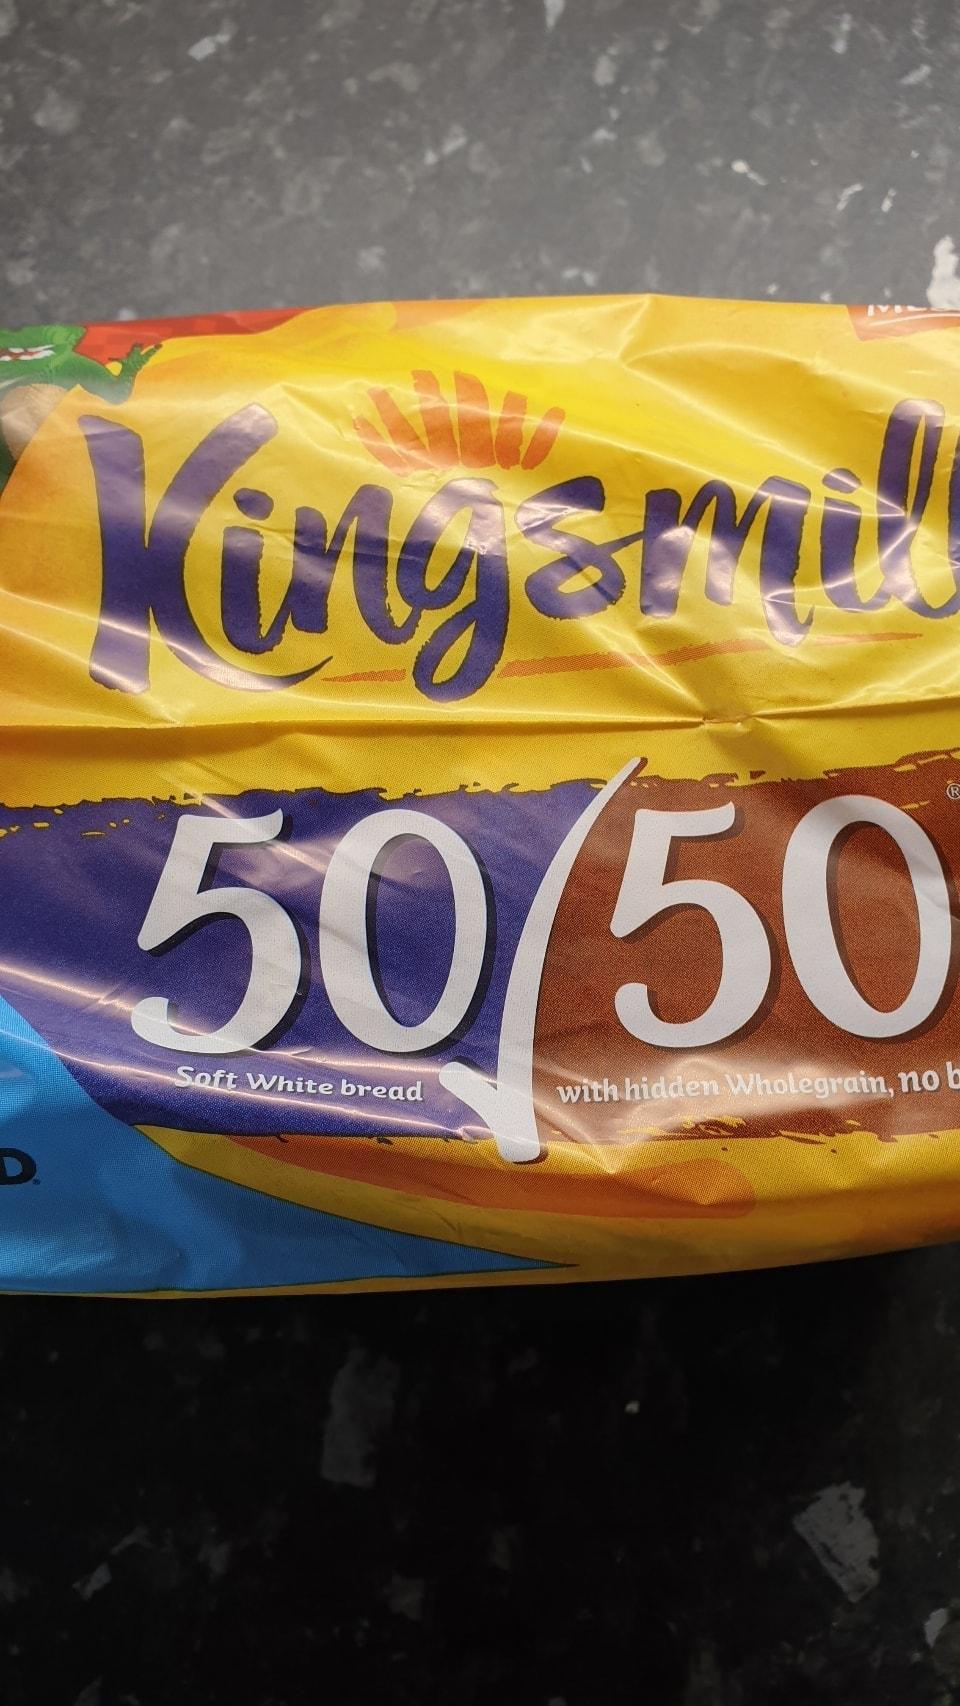 50/50 bread